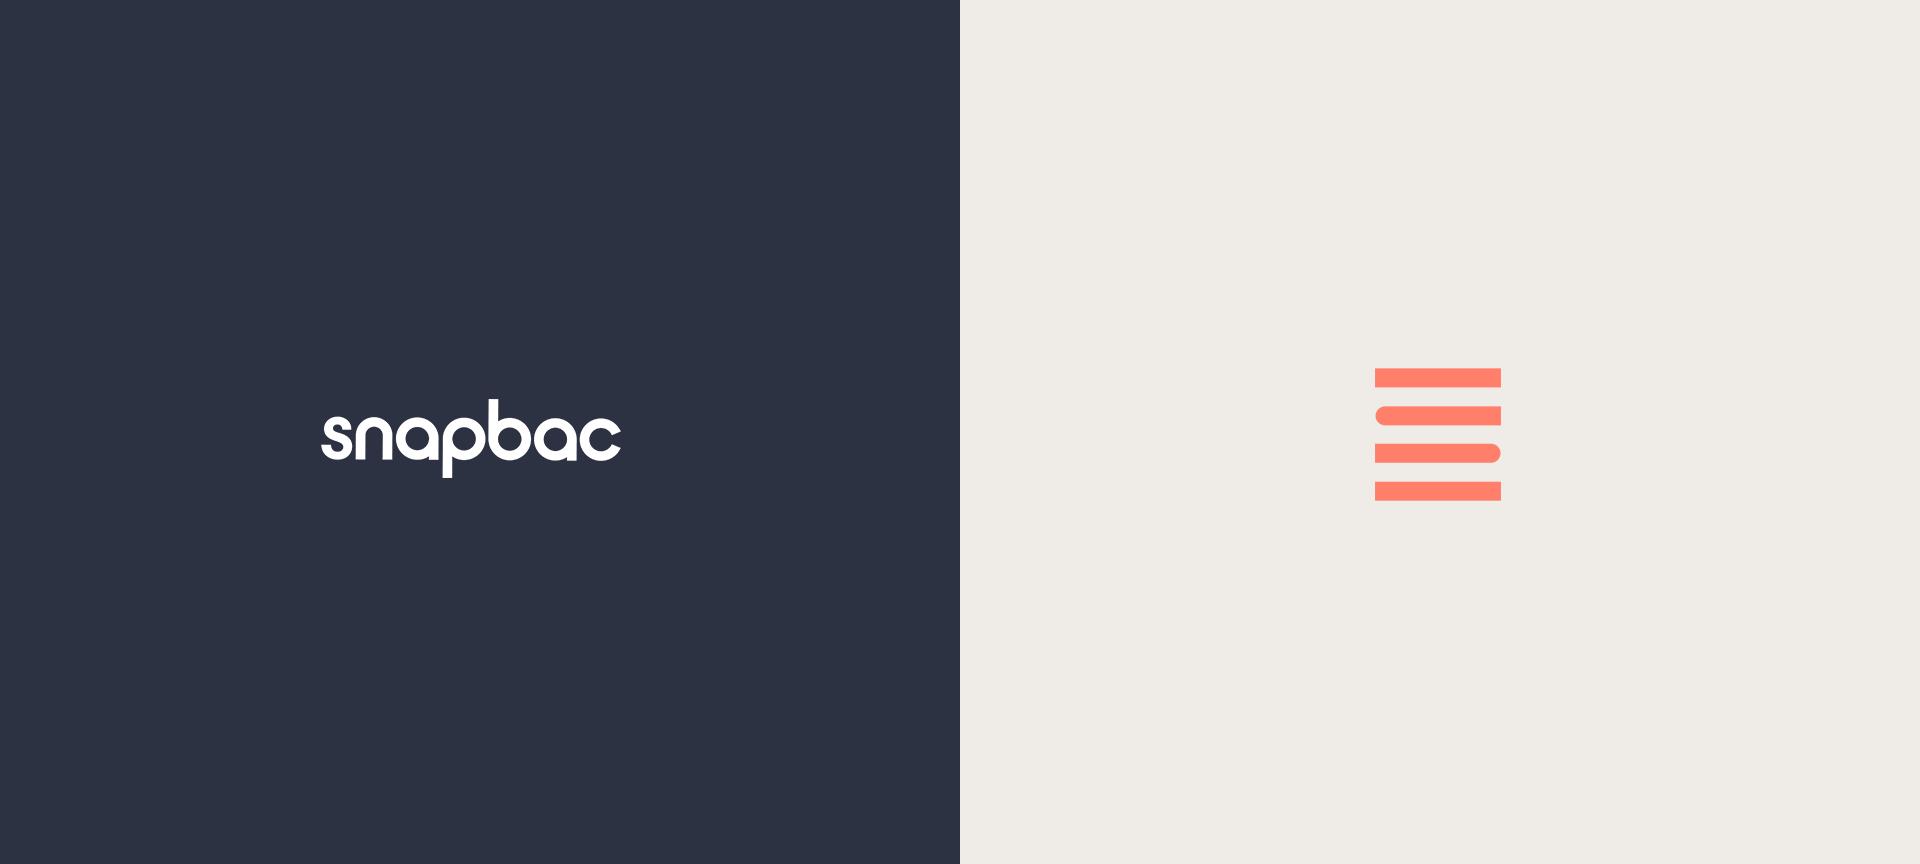 Brand_Logos.png